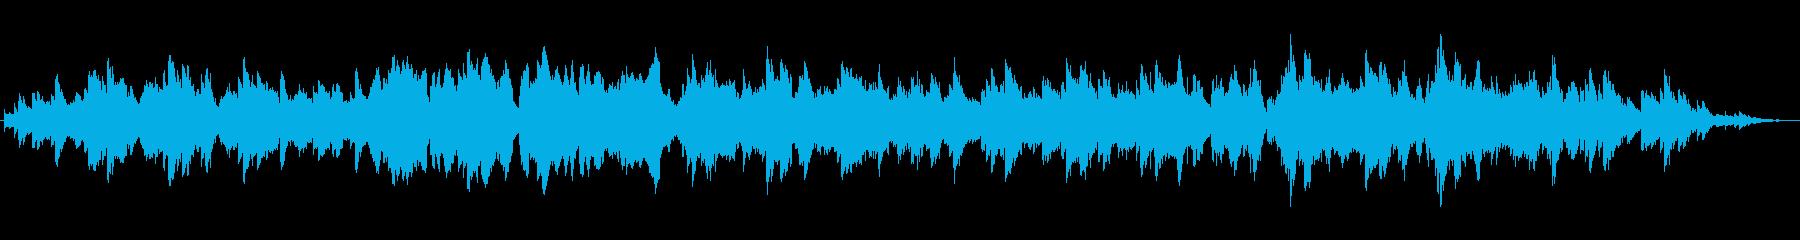 散歩番組街並み紹介ピアノアンサンブルの再生済みの波形